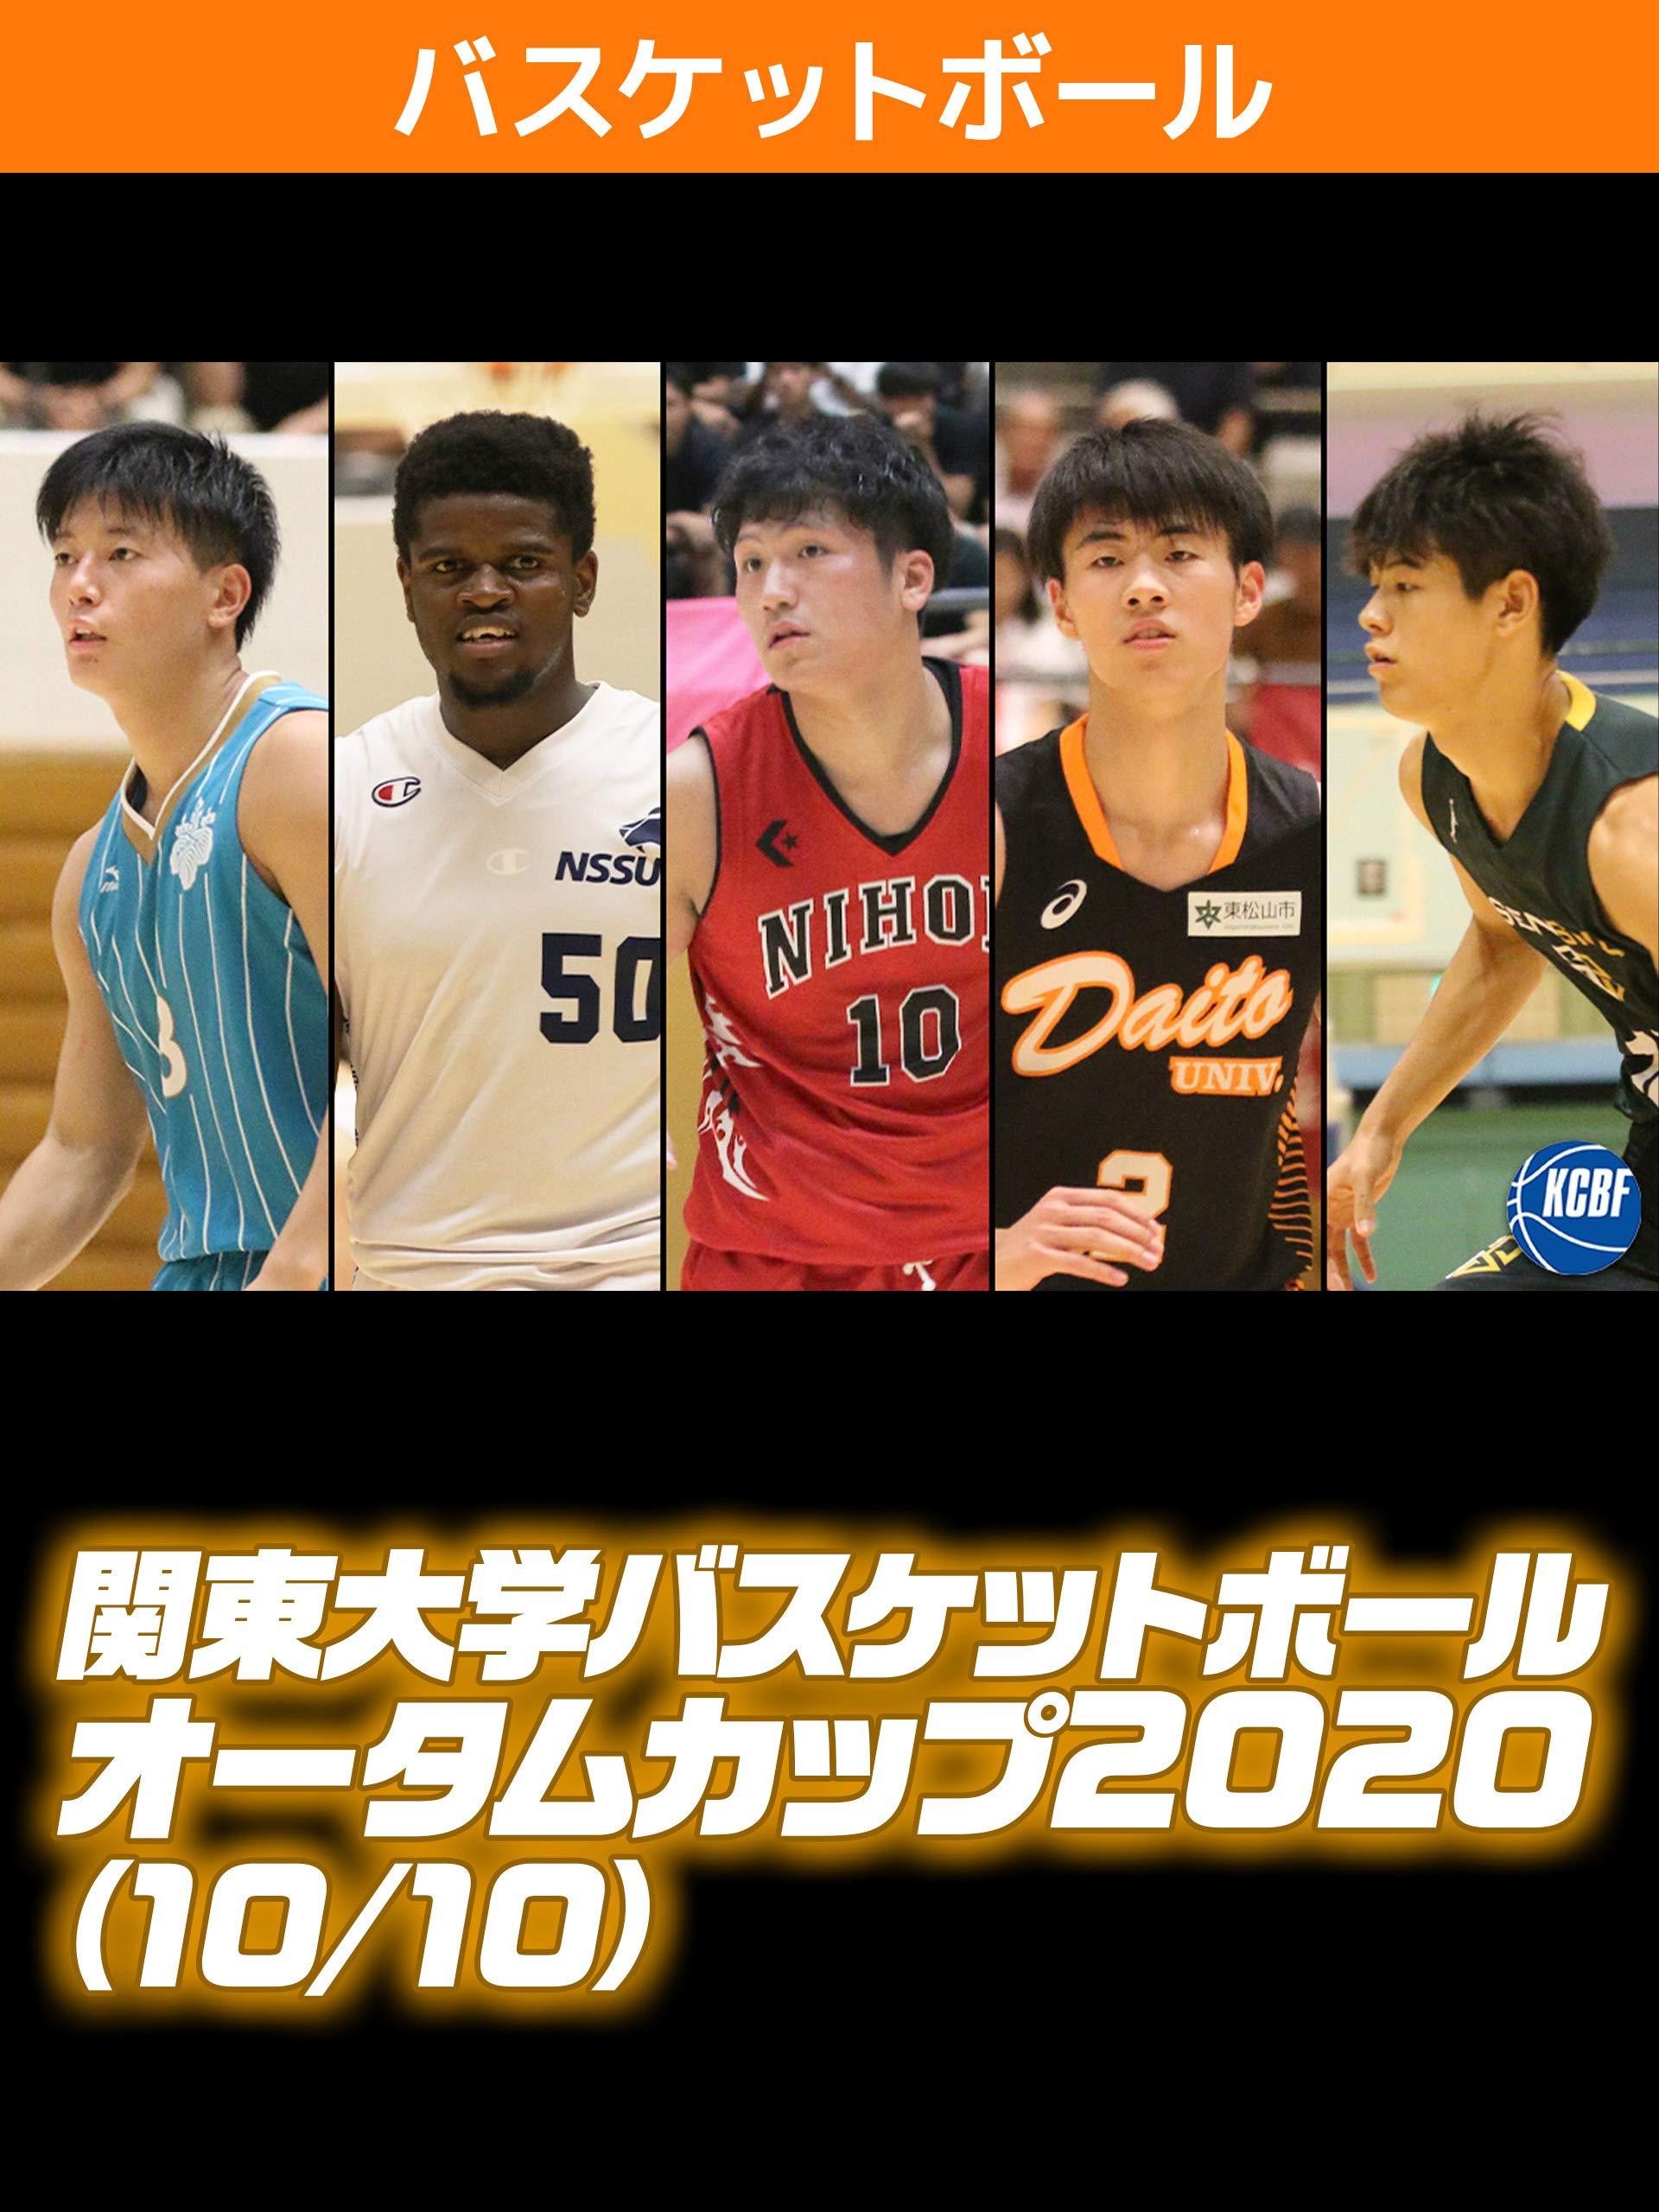 カップ オータム BOJweblog オータムカップ2020試合予定(10/10)